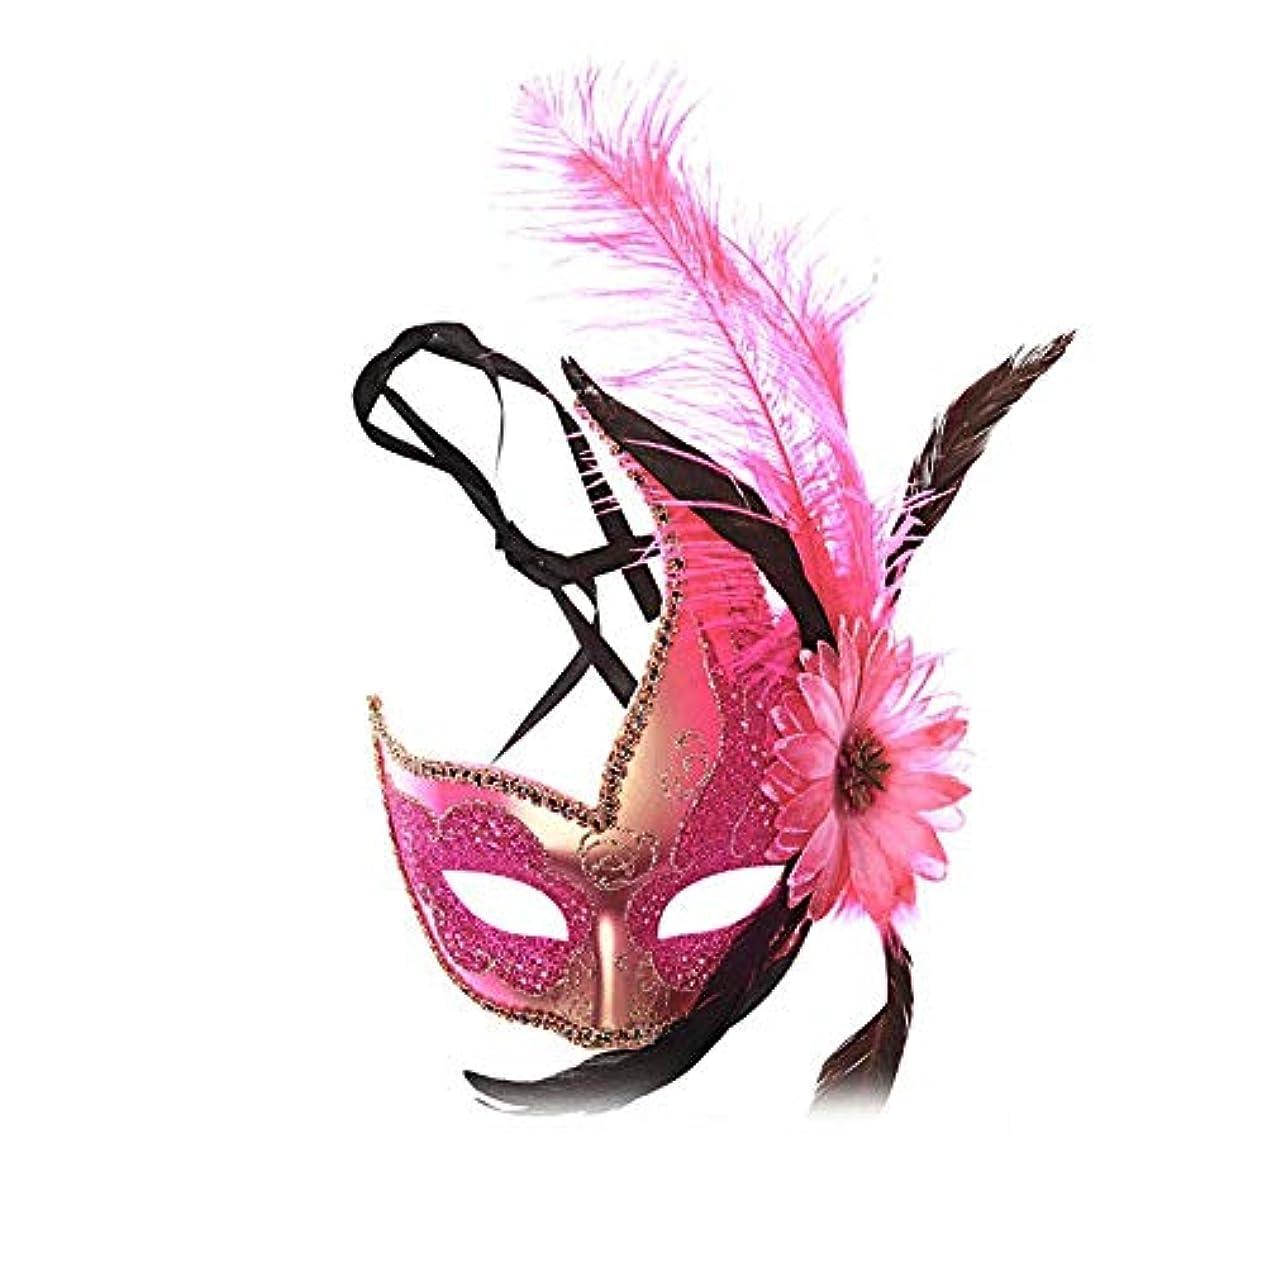 怪物そっと海港Nanle ハロウィンマスクハーフフェザーマスクベニスプリンセスマスク美容レース仮面ライダーコスプレ (色 : Style B rose red)